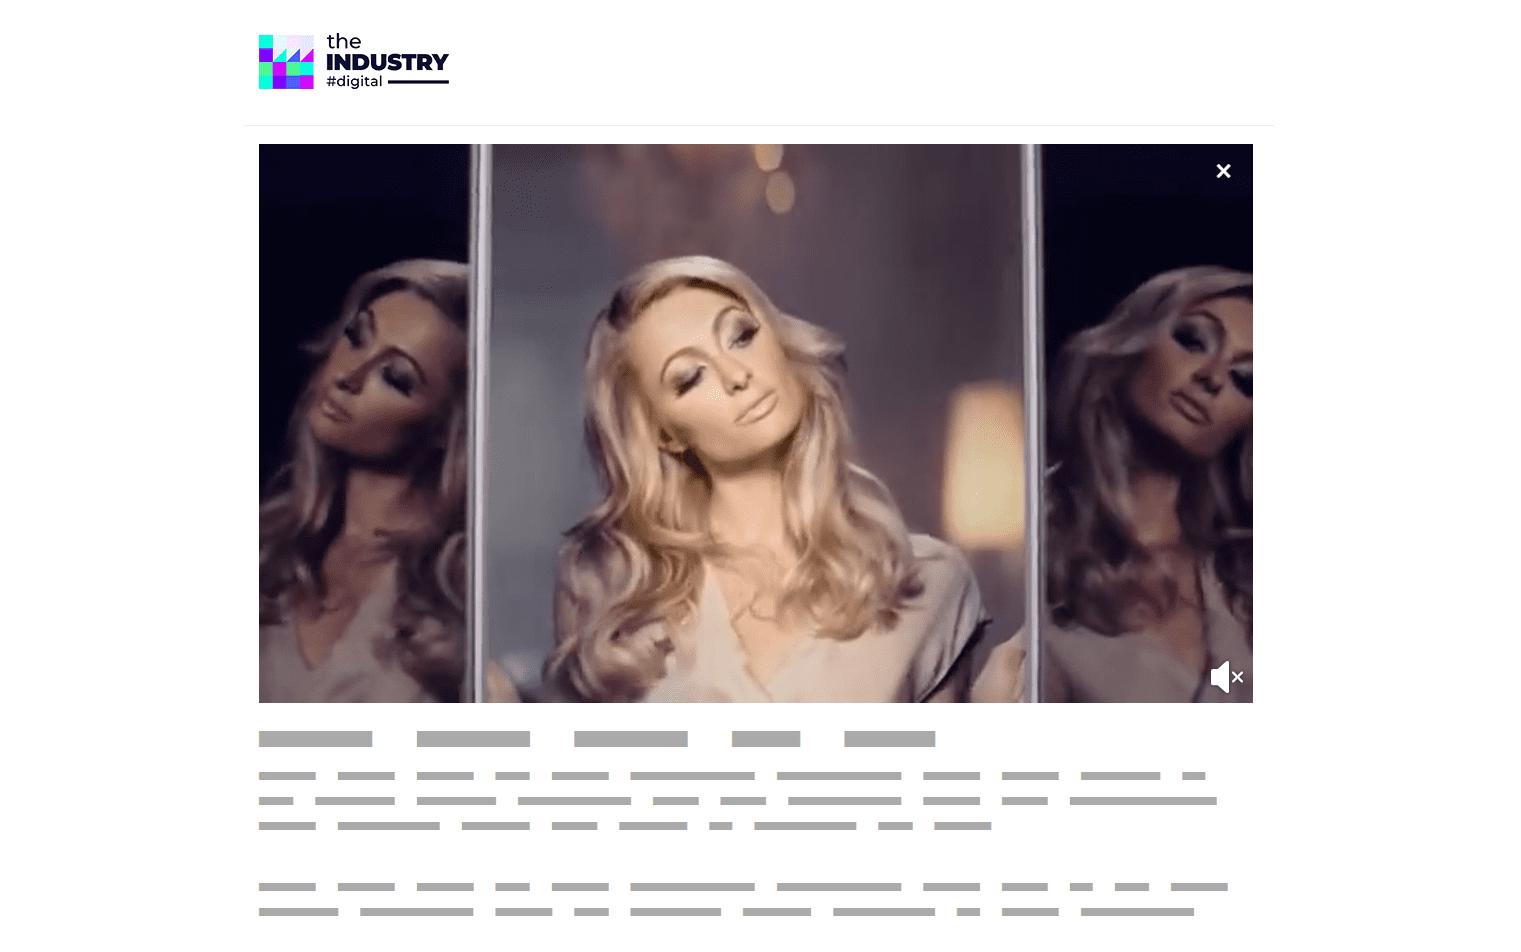 Das Bild zeigt ein Dynamic Video AD von Lidl